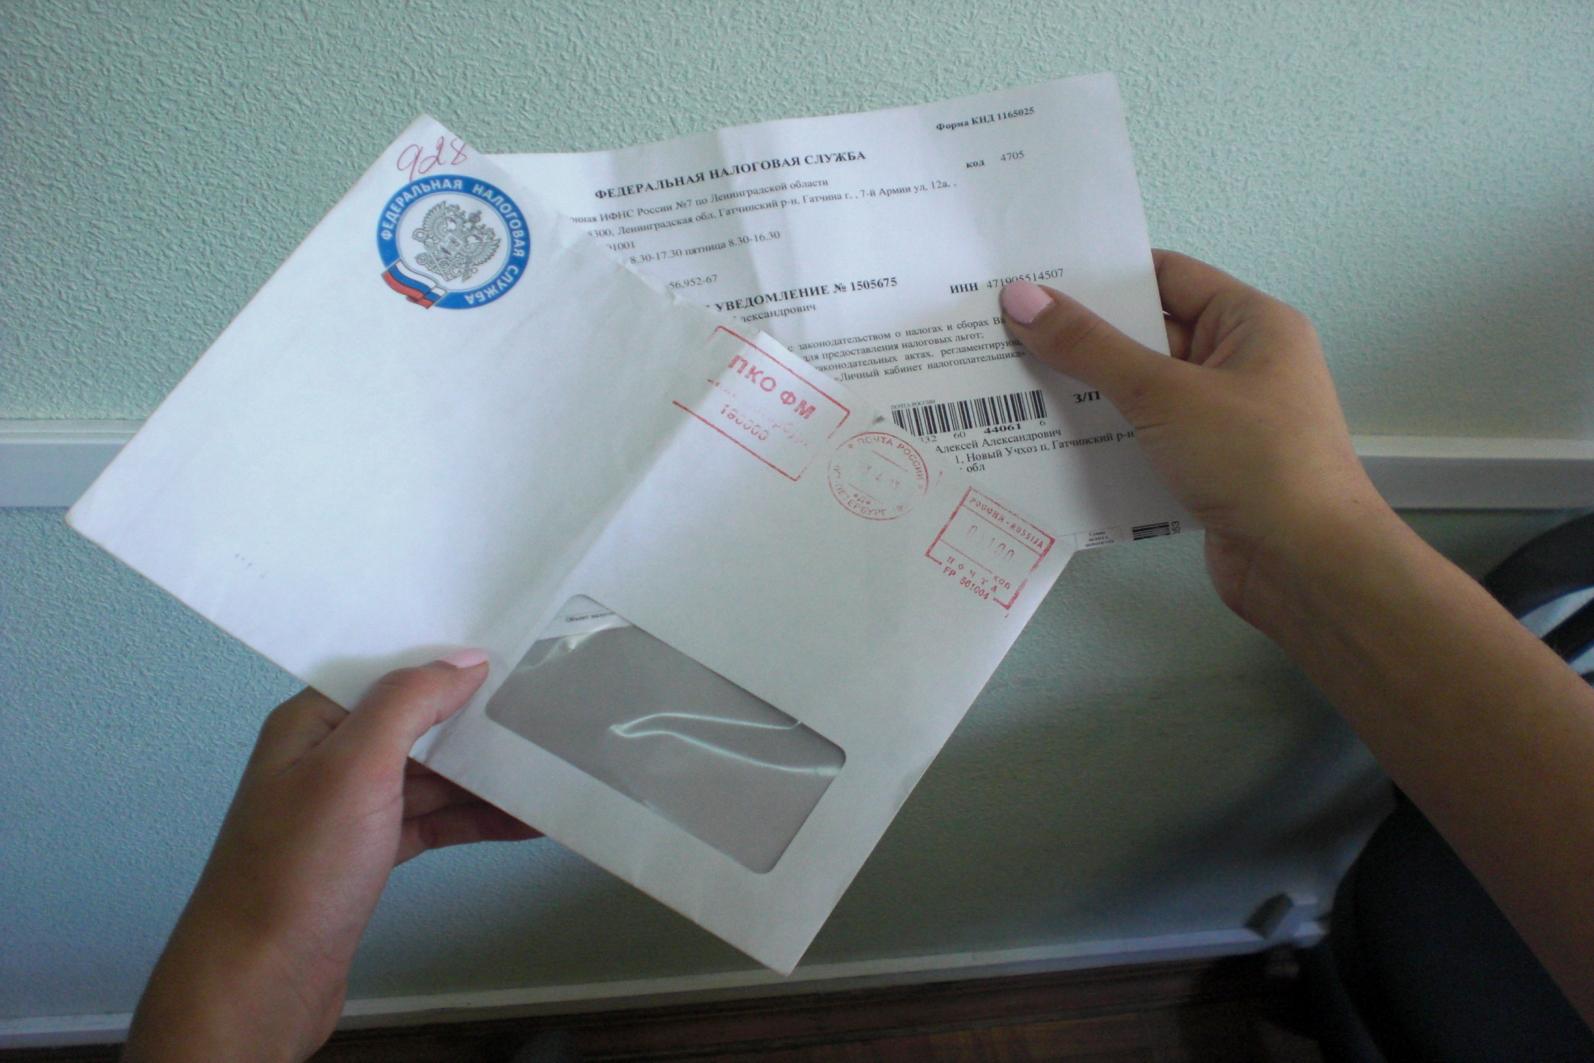 про не пришли письма из налоговой нежность